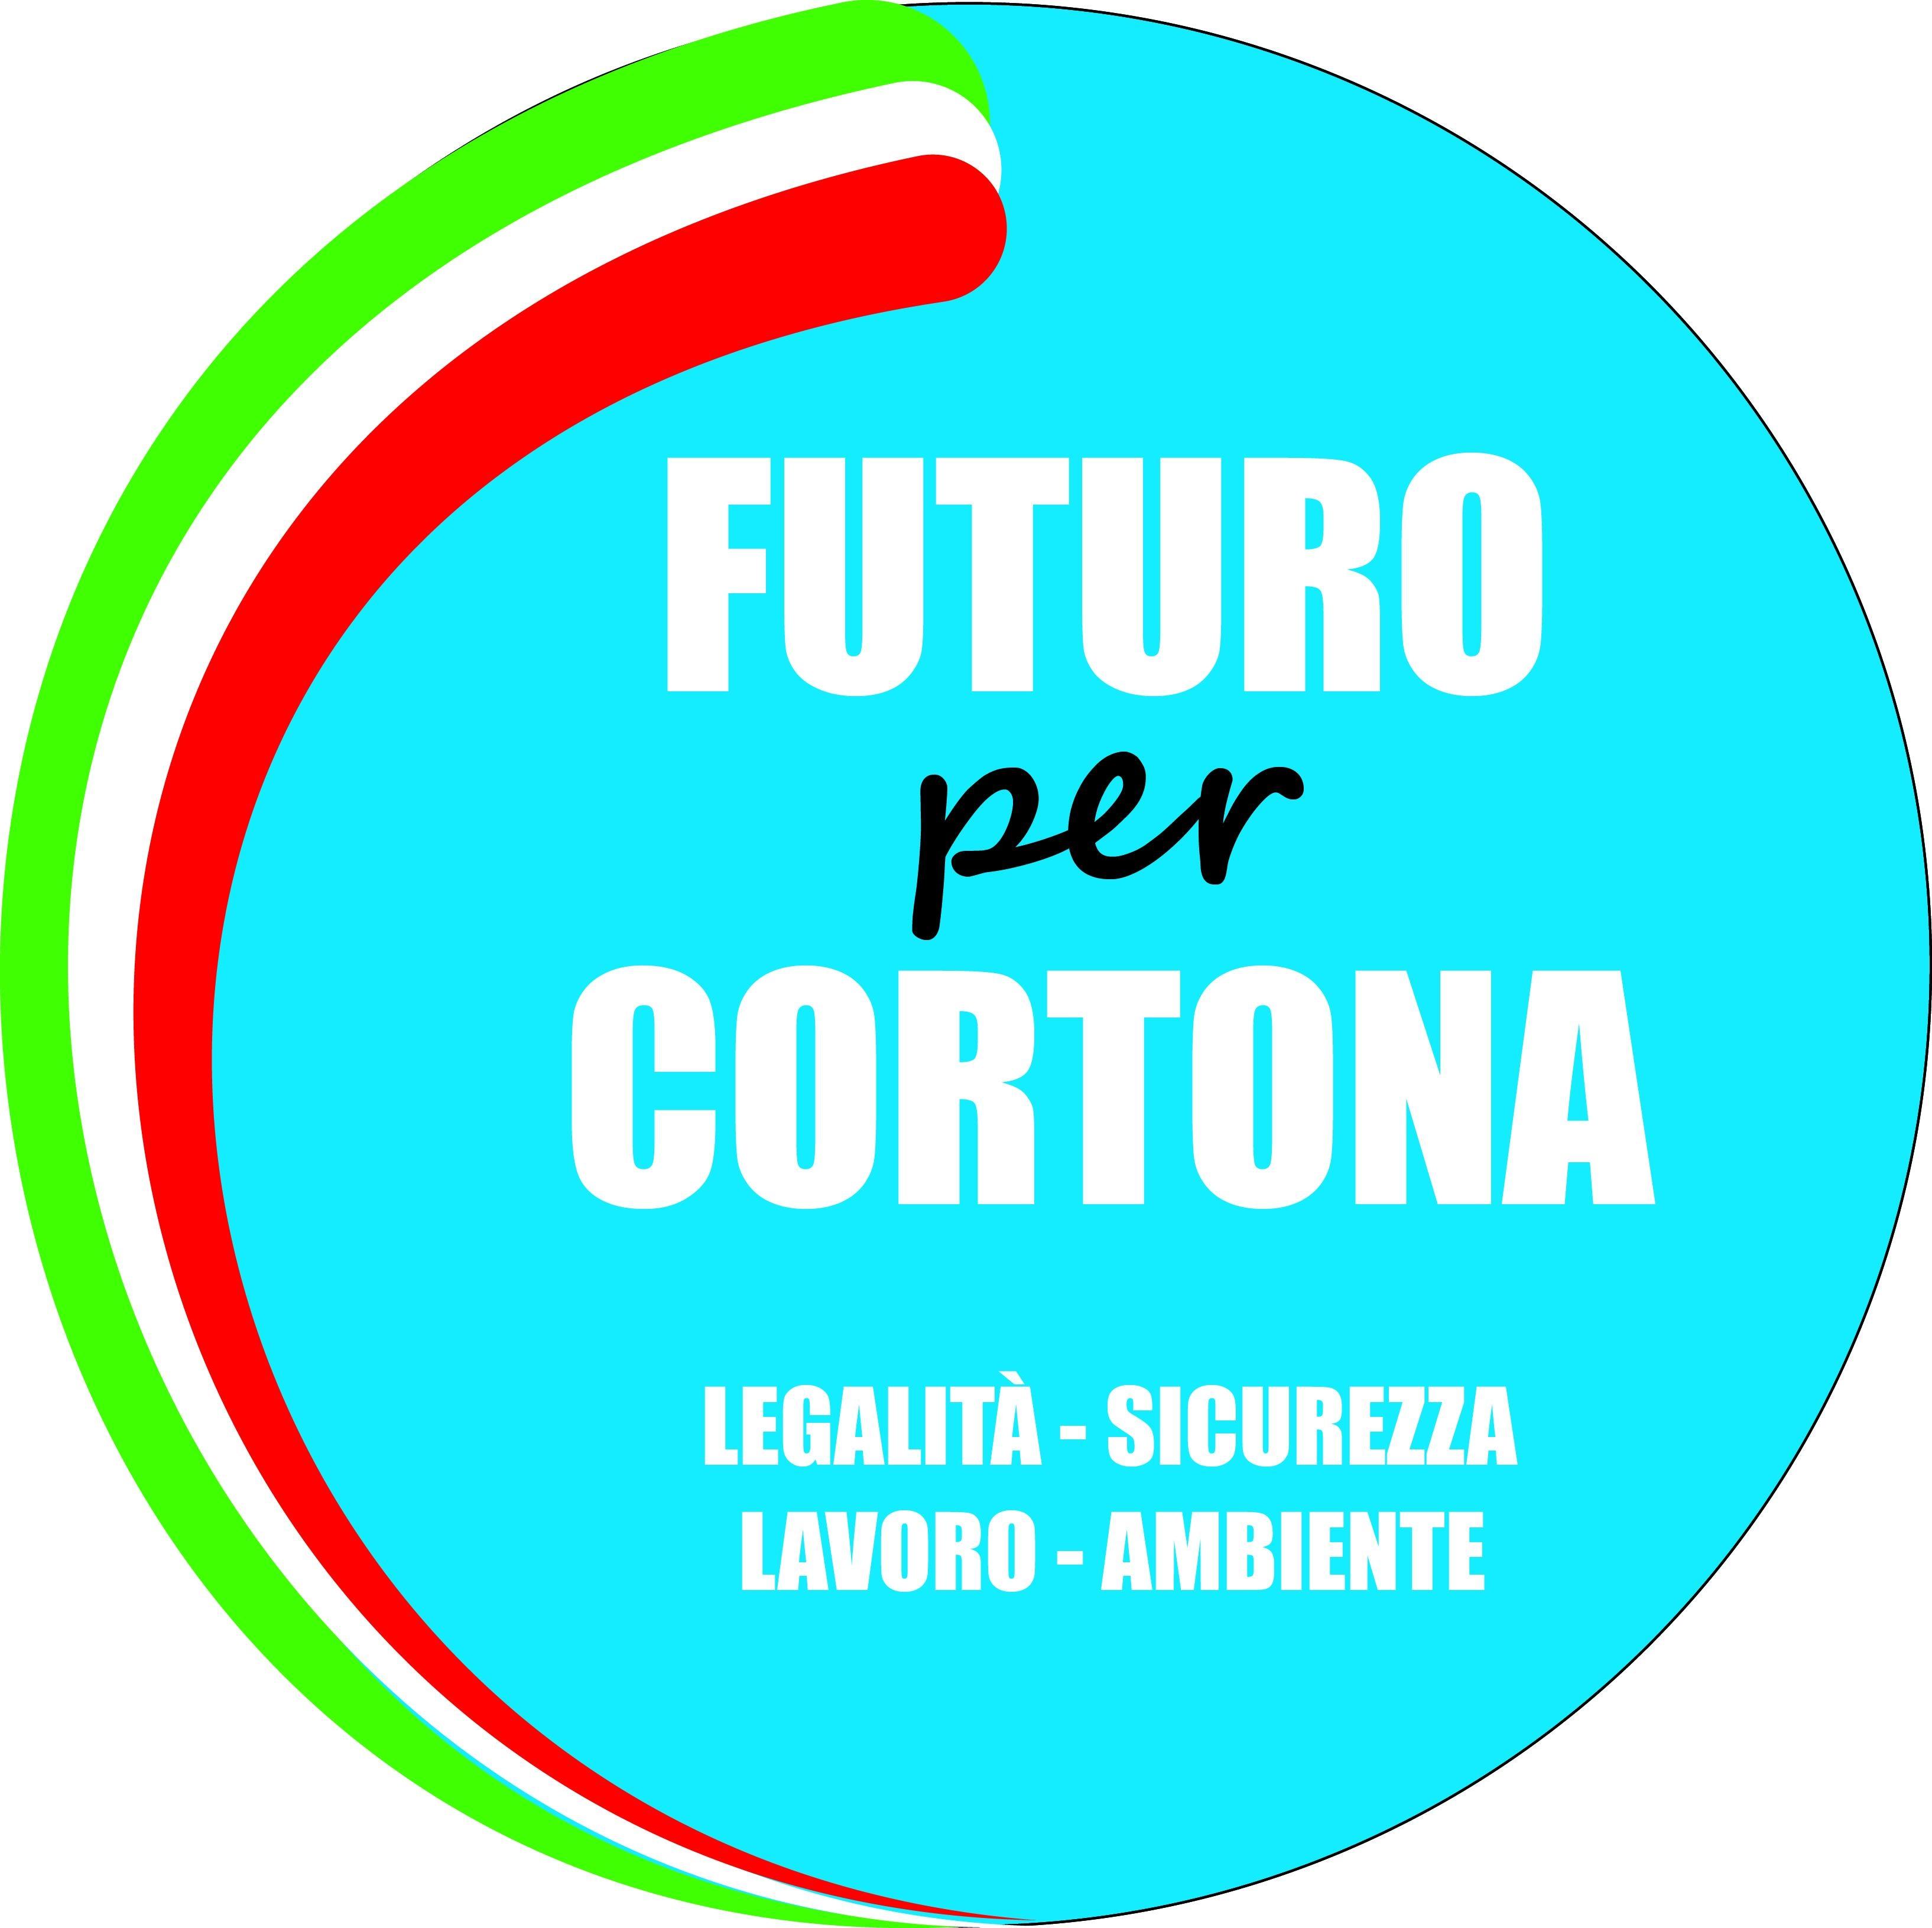 La cultura per la promozione del territorio: resoconto dell'incontro di Futuro per Cortona